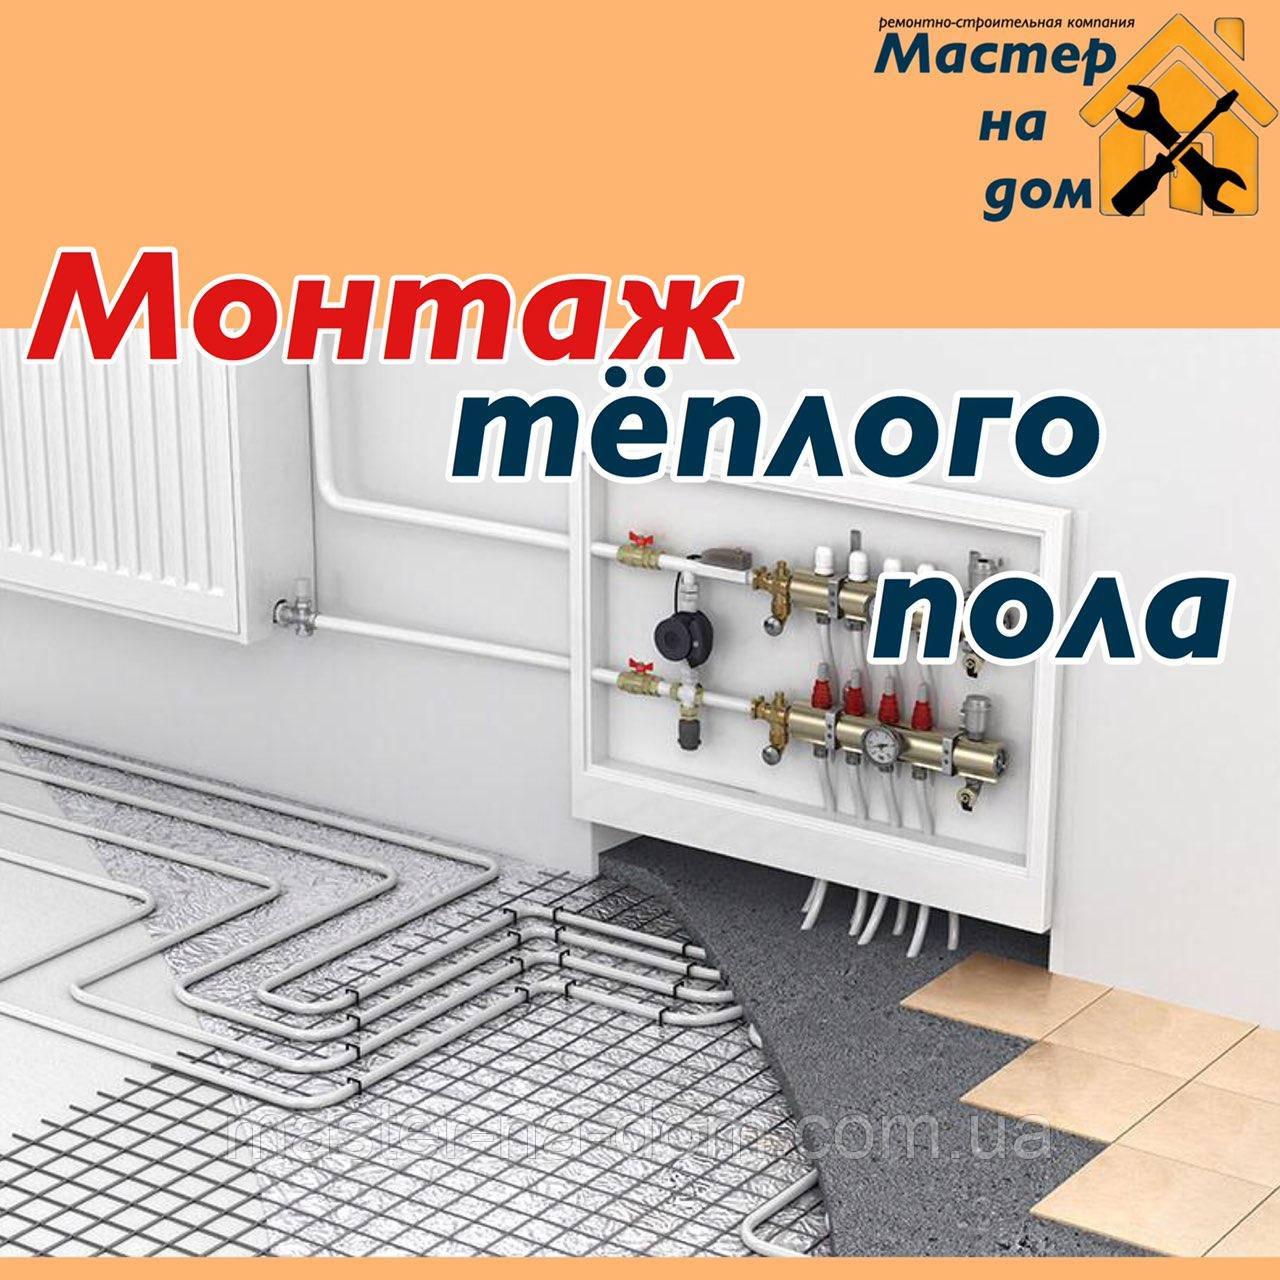 Монтаж теплого пола в Ужгороде